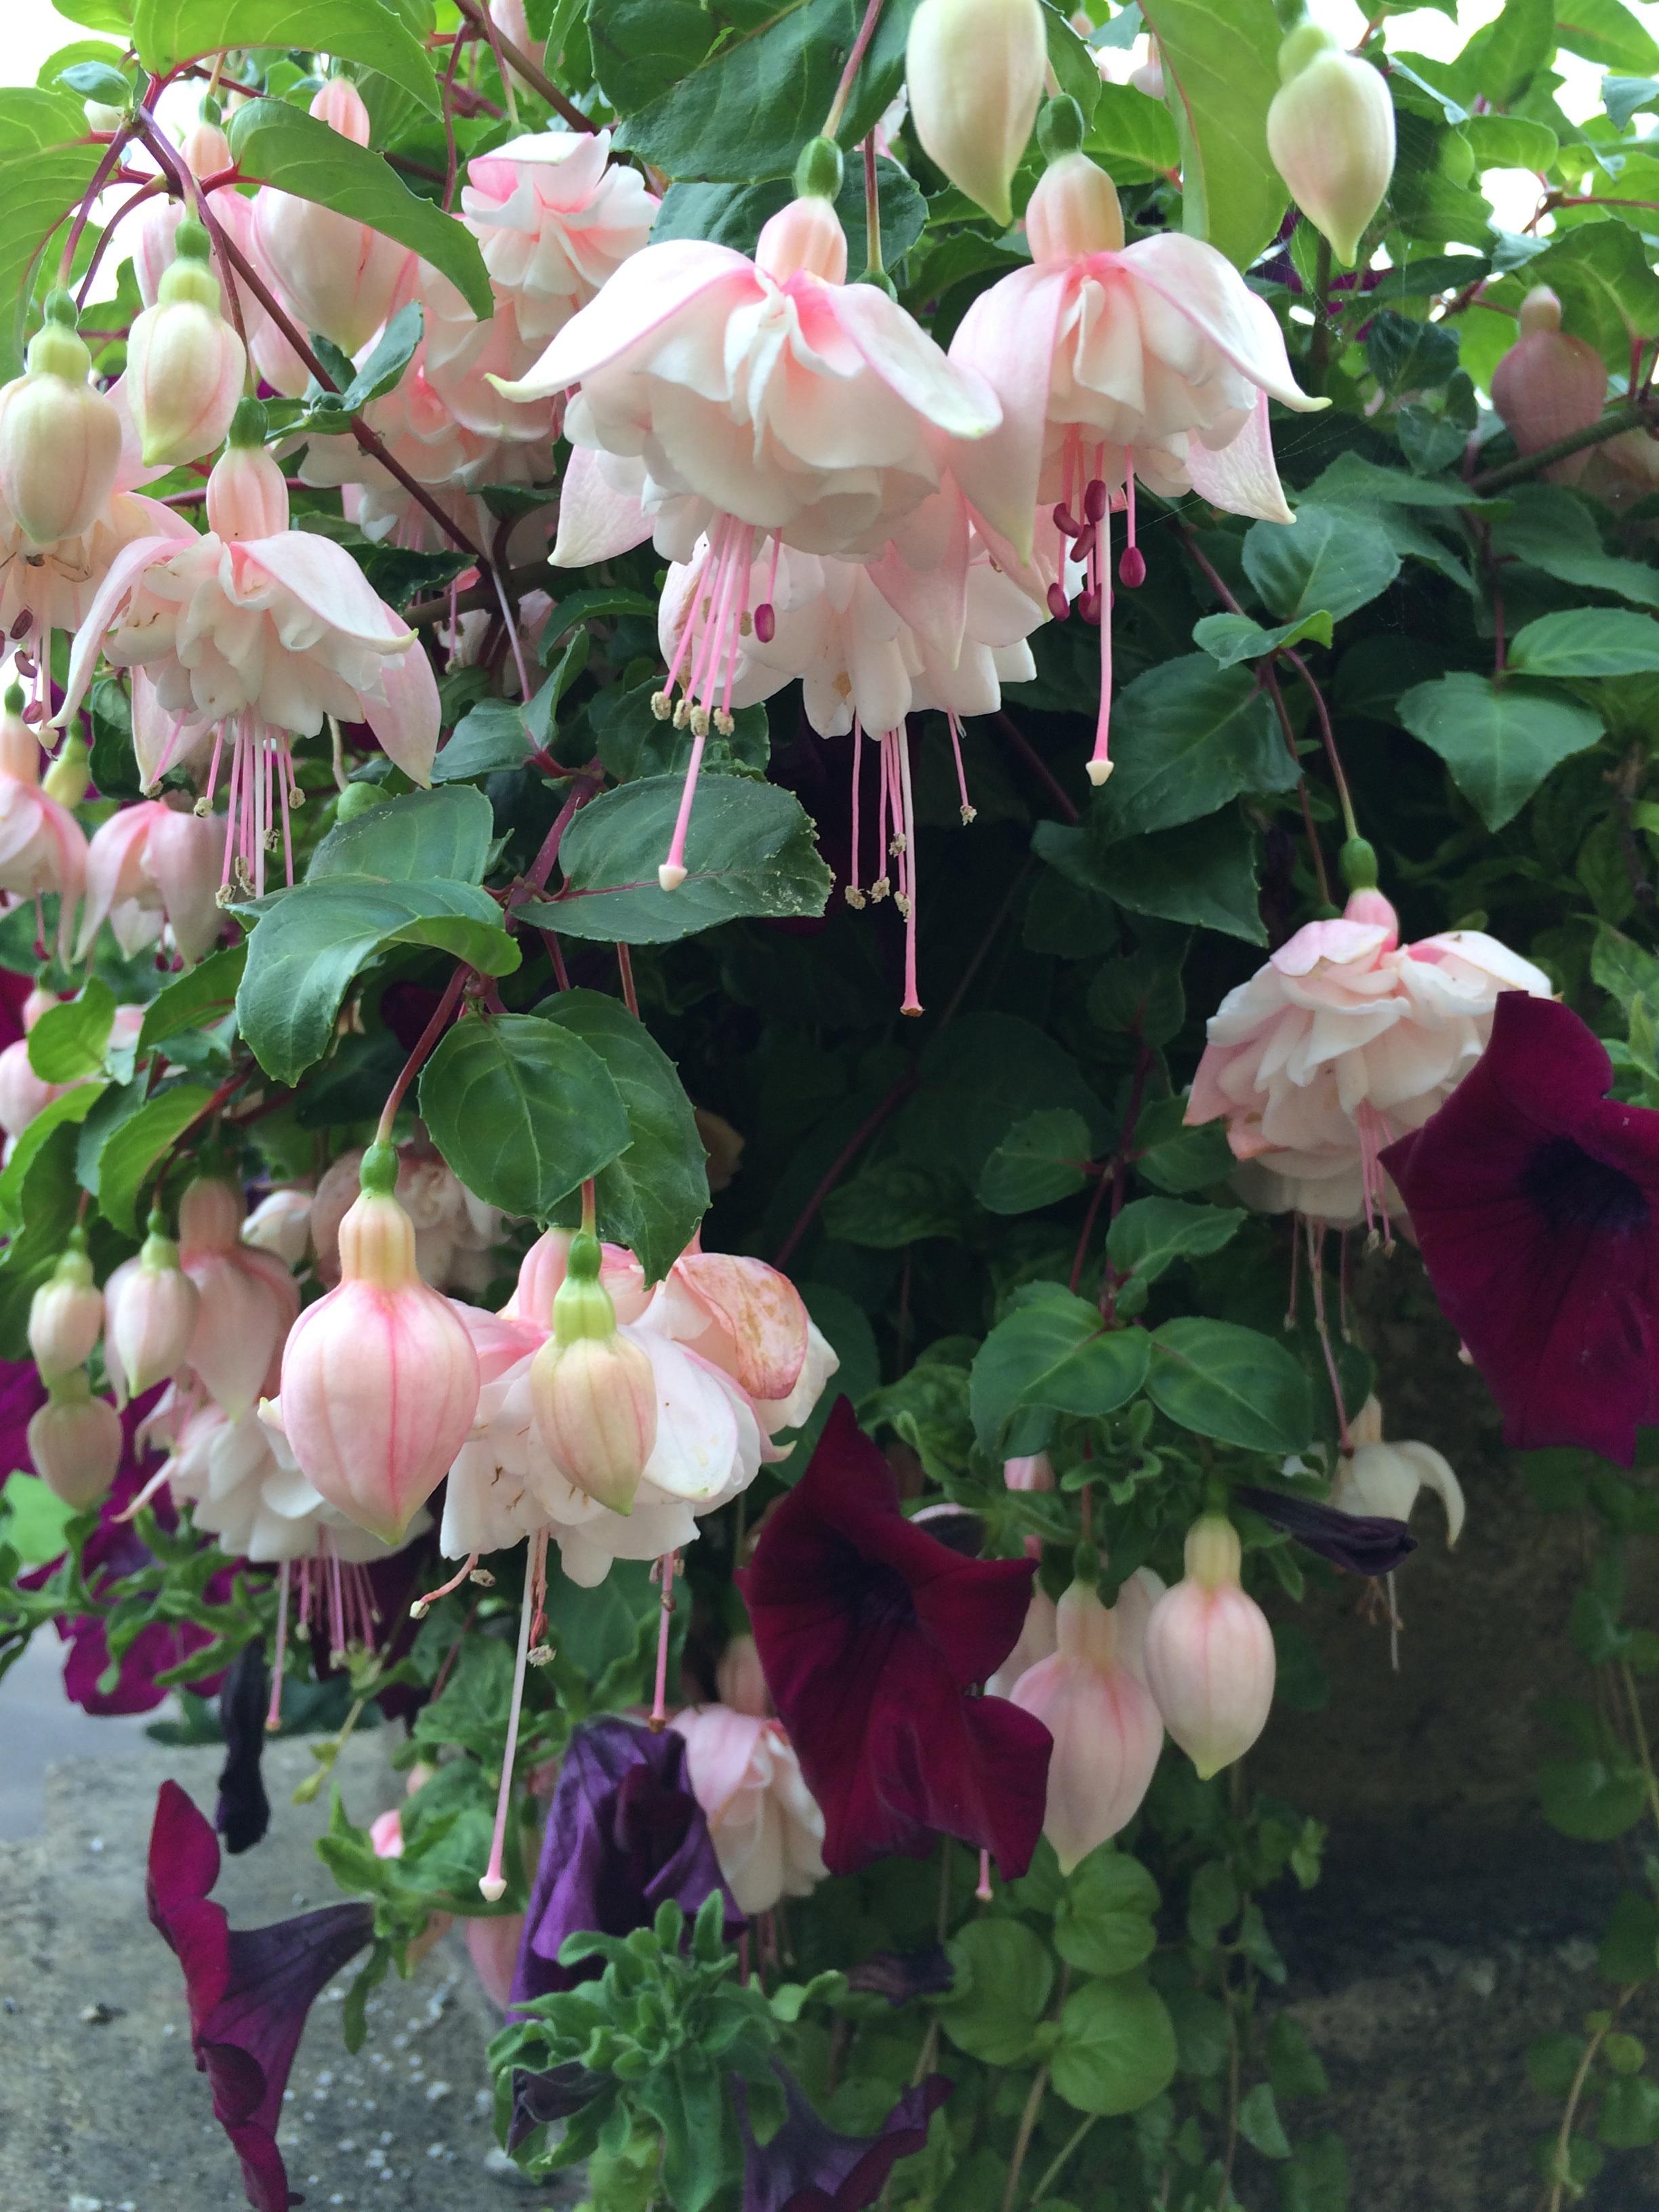 images gratuites : fleur, botanique, arbuste, fuchsia, plante à